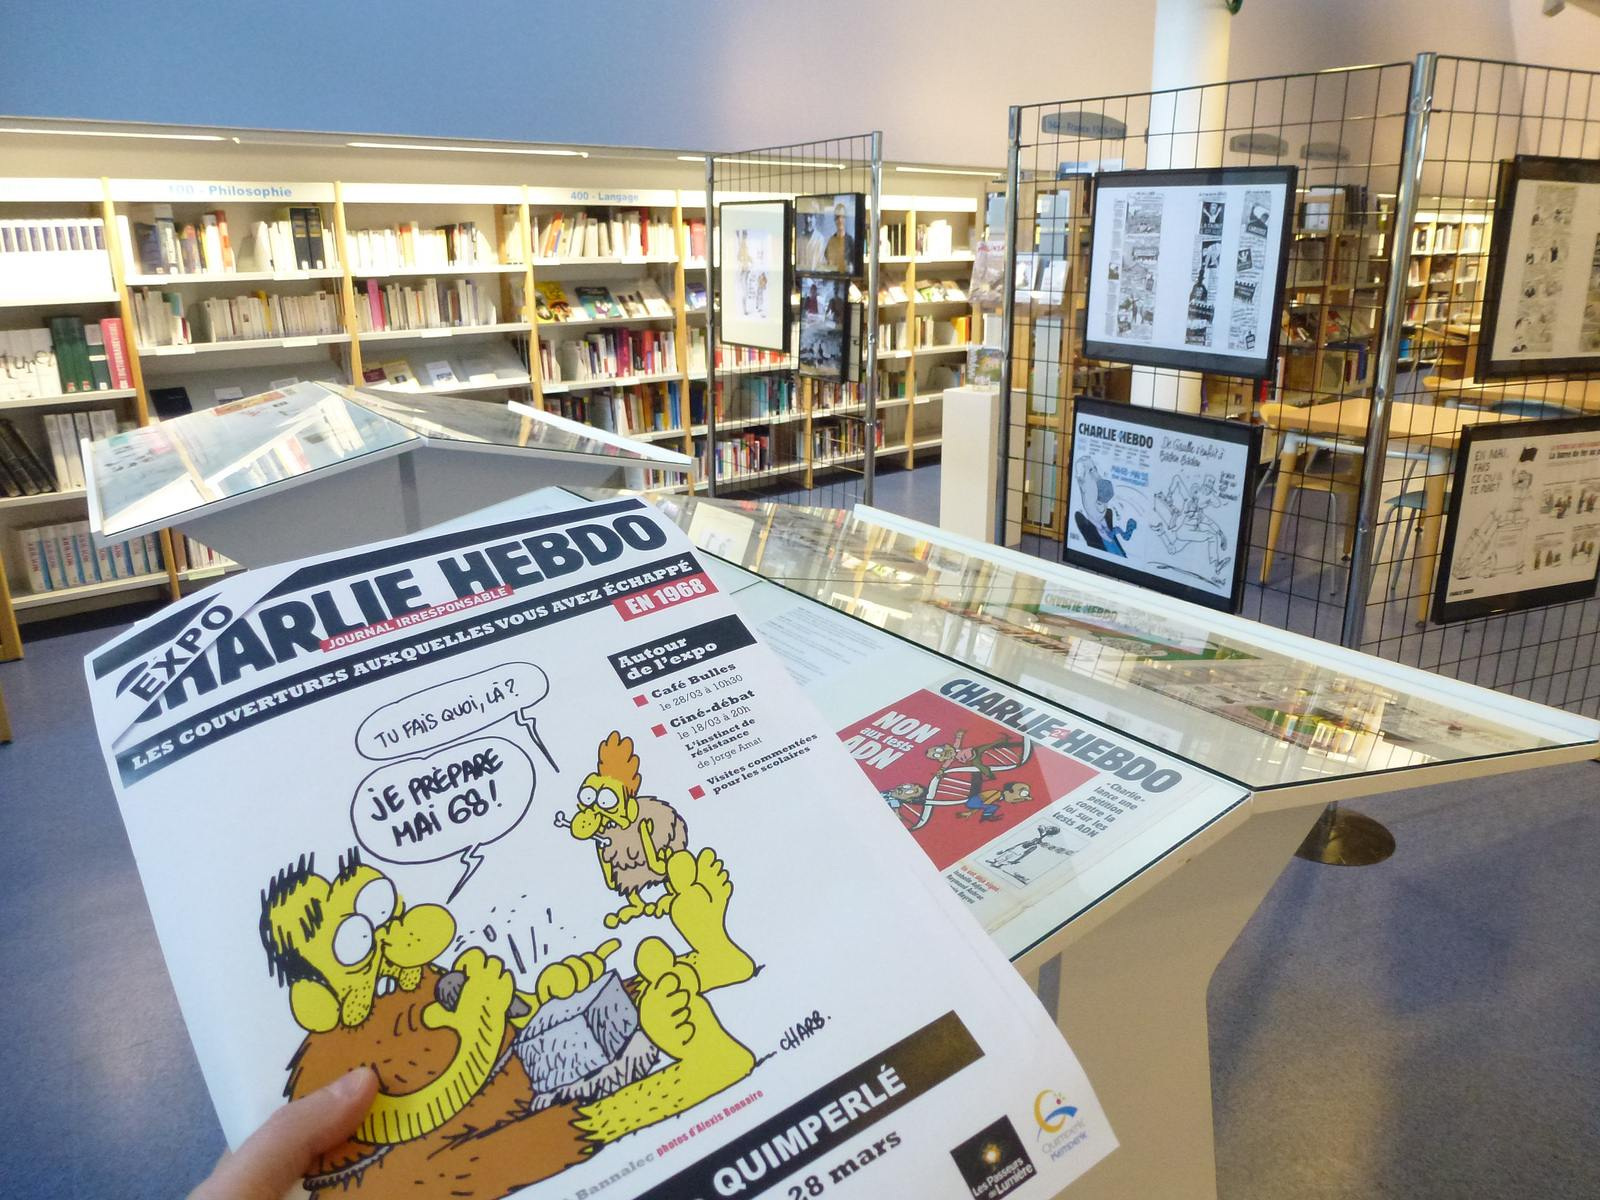 charlie hebdo exhibit Exhibition Charlie Hebdo at Quimperle